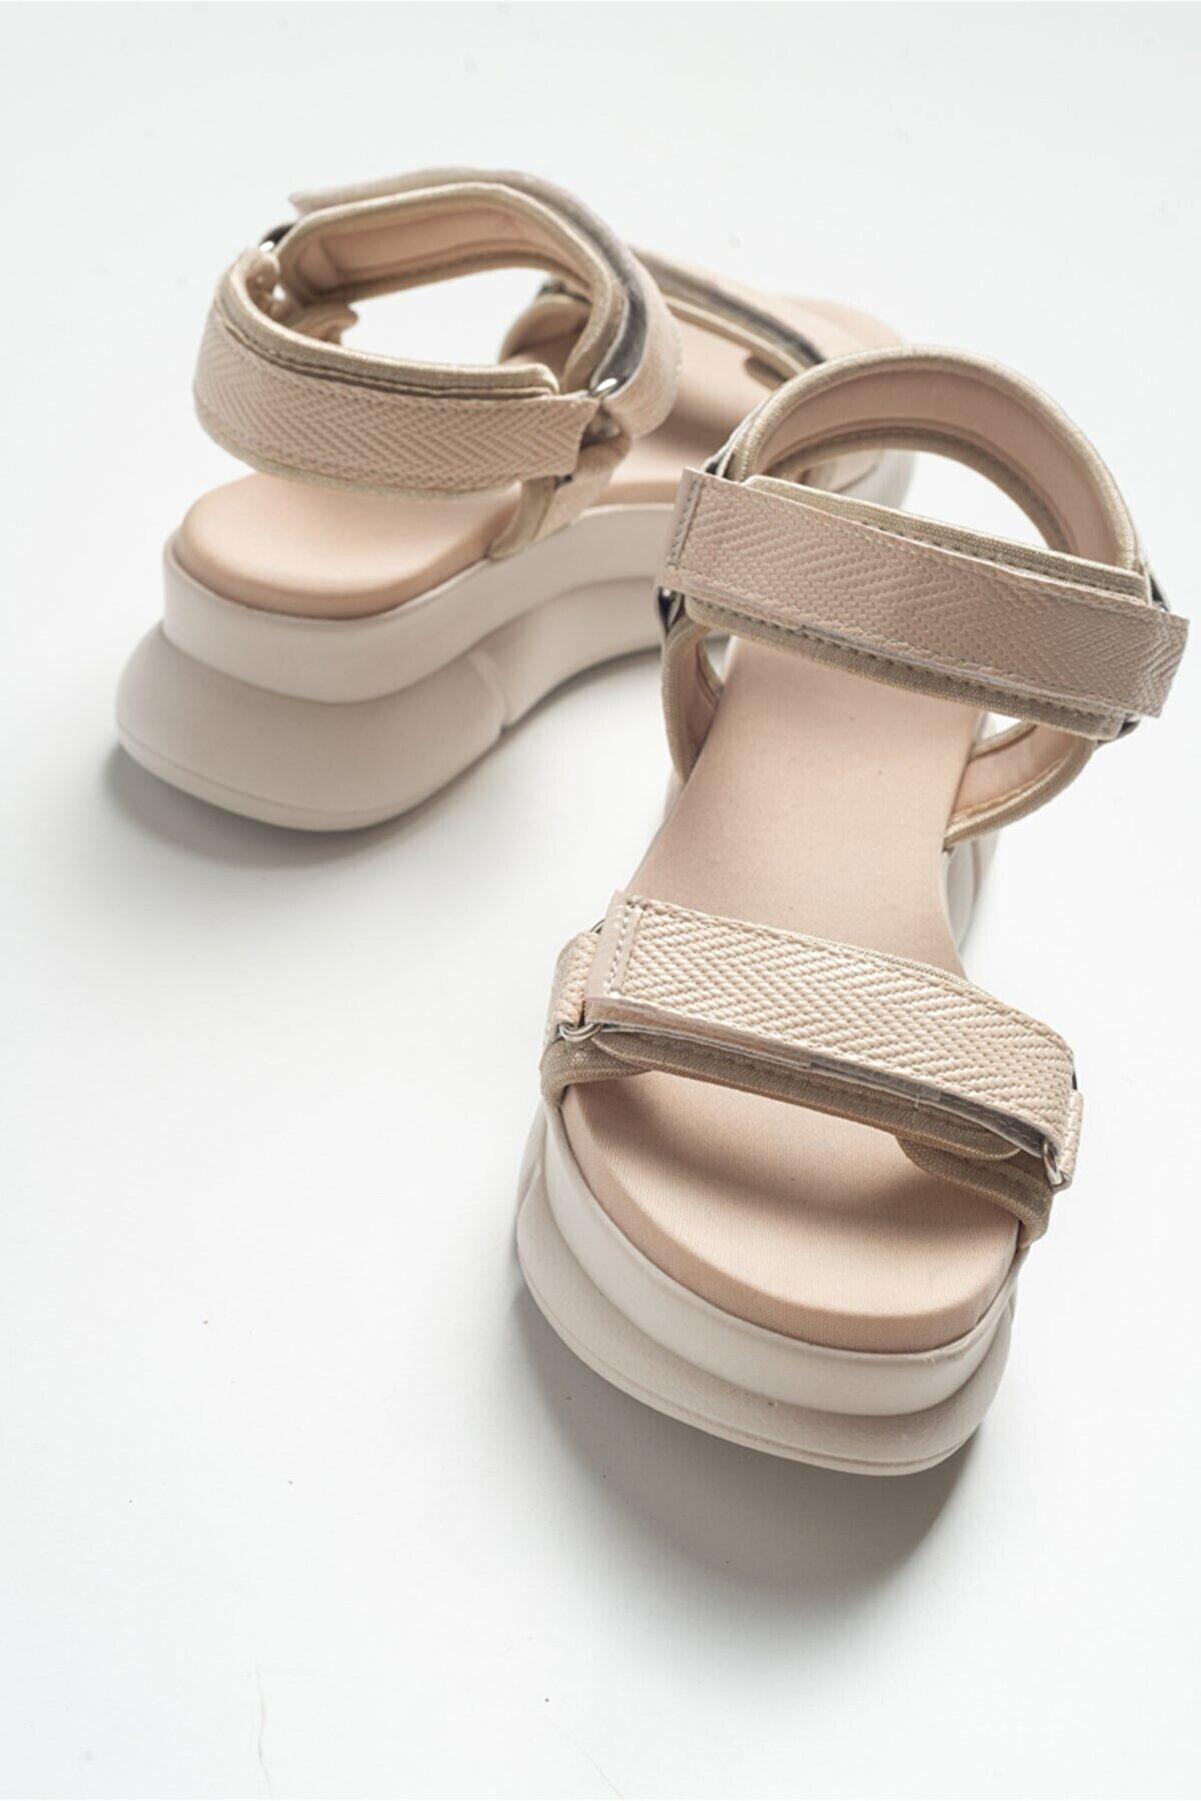 luvishoes 4760 Bej Kadın Sandalet